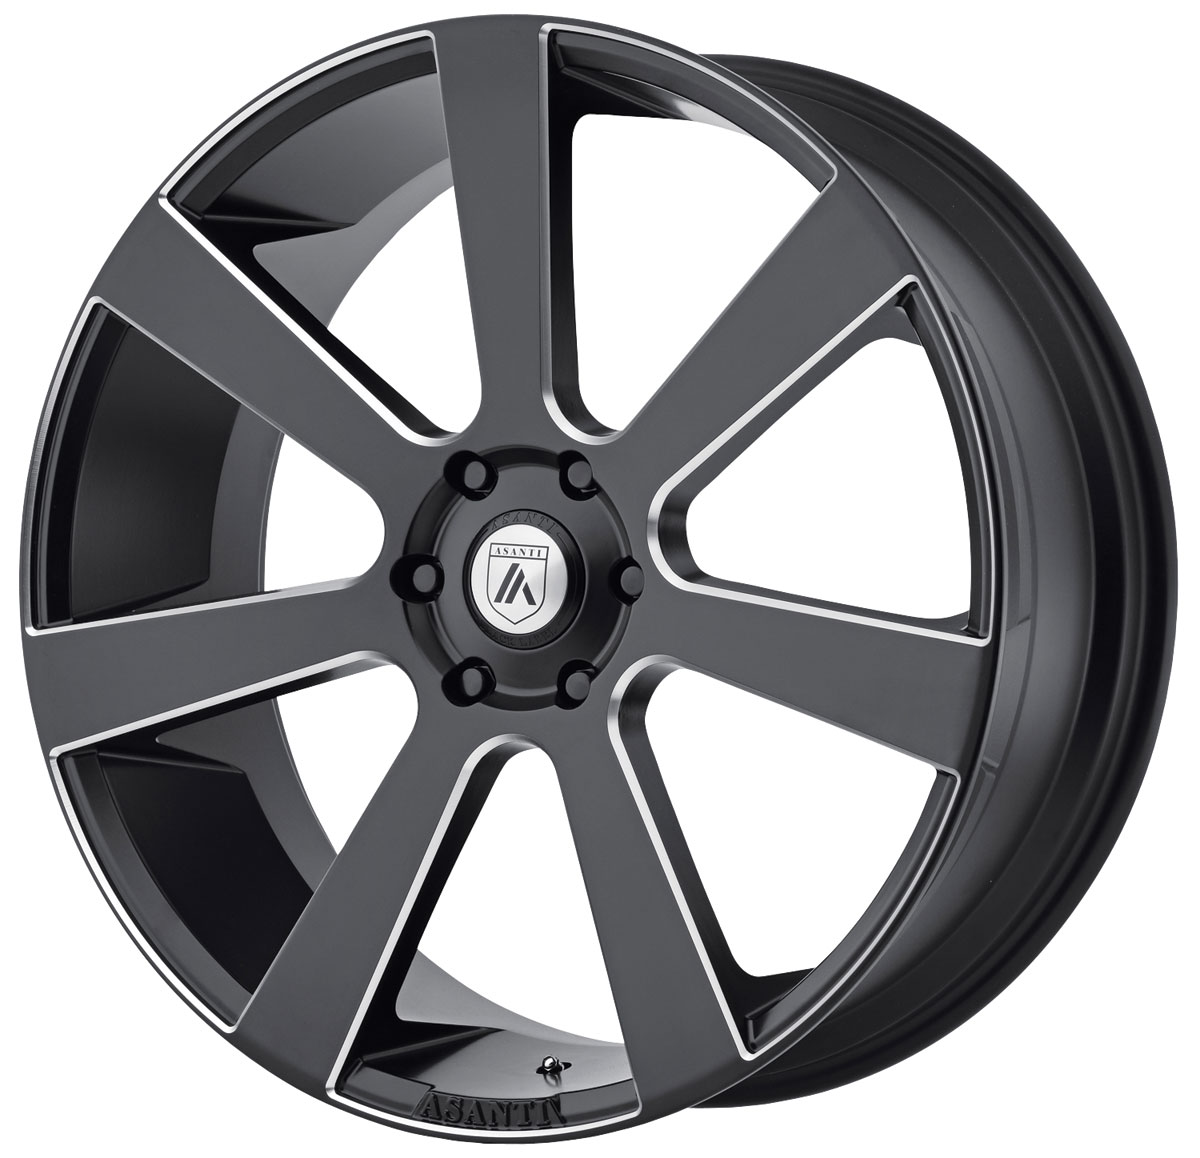 Wheel, Asanti Black Label, ABL-15 Apollo, 1999-2019 Escalade, 24X9